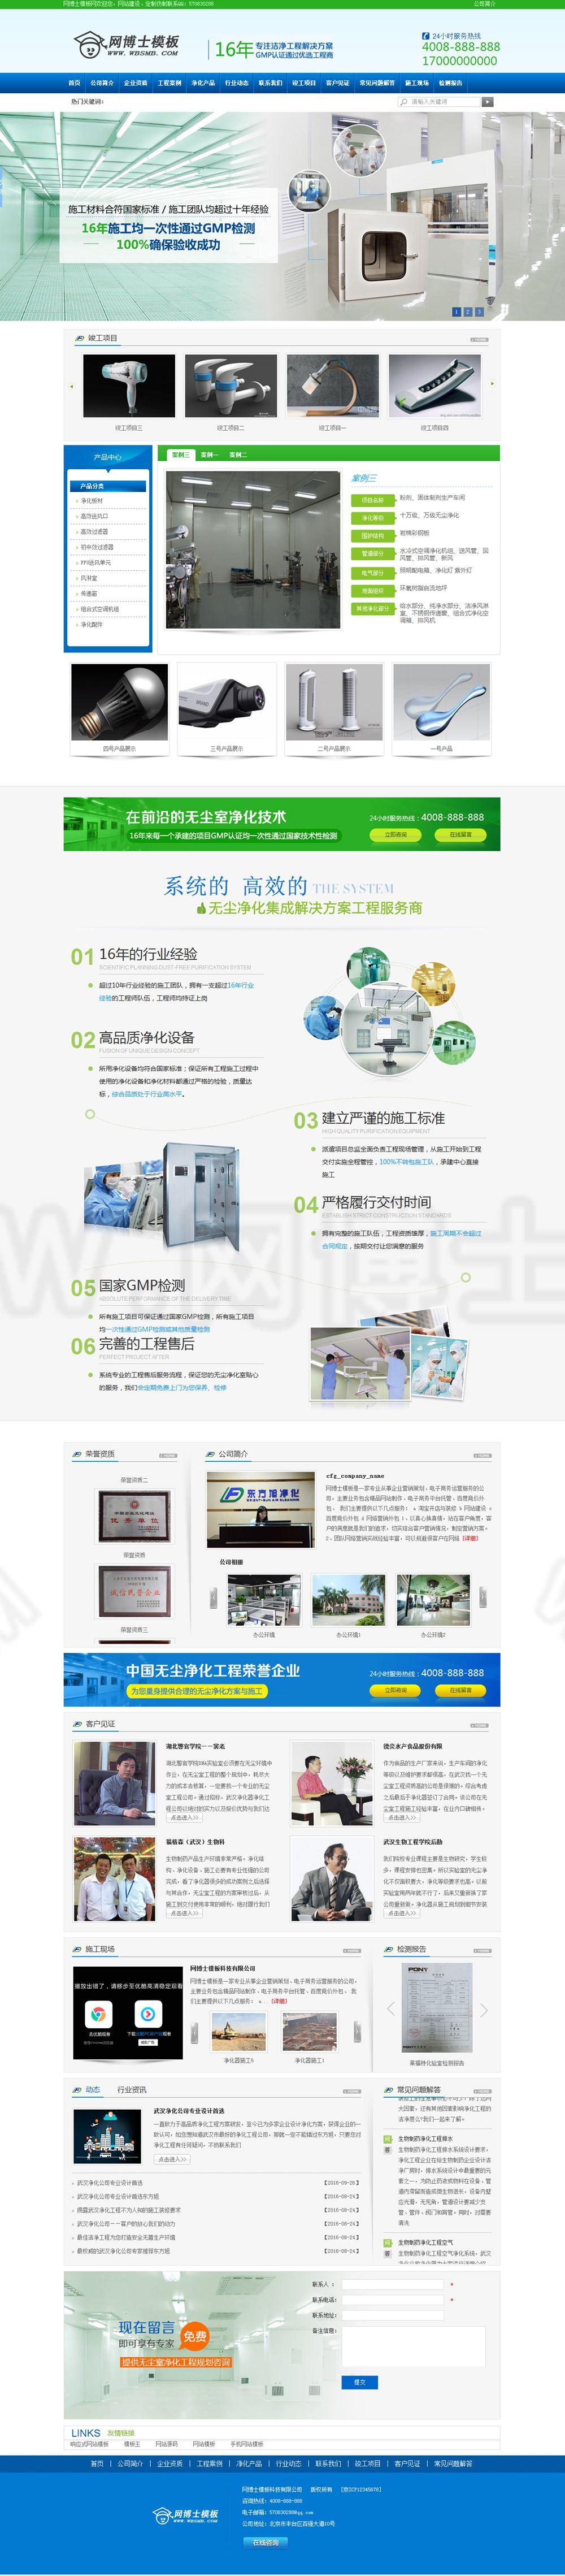 营销型环保产品净化器网站源码 营销网站模板